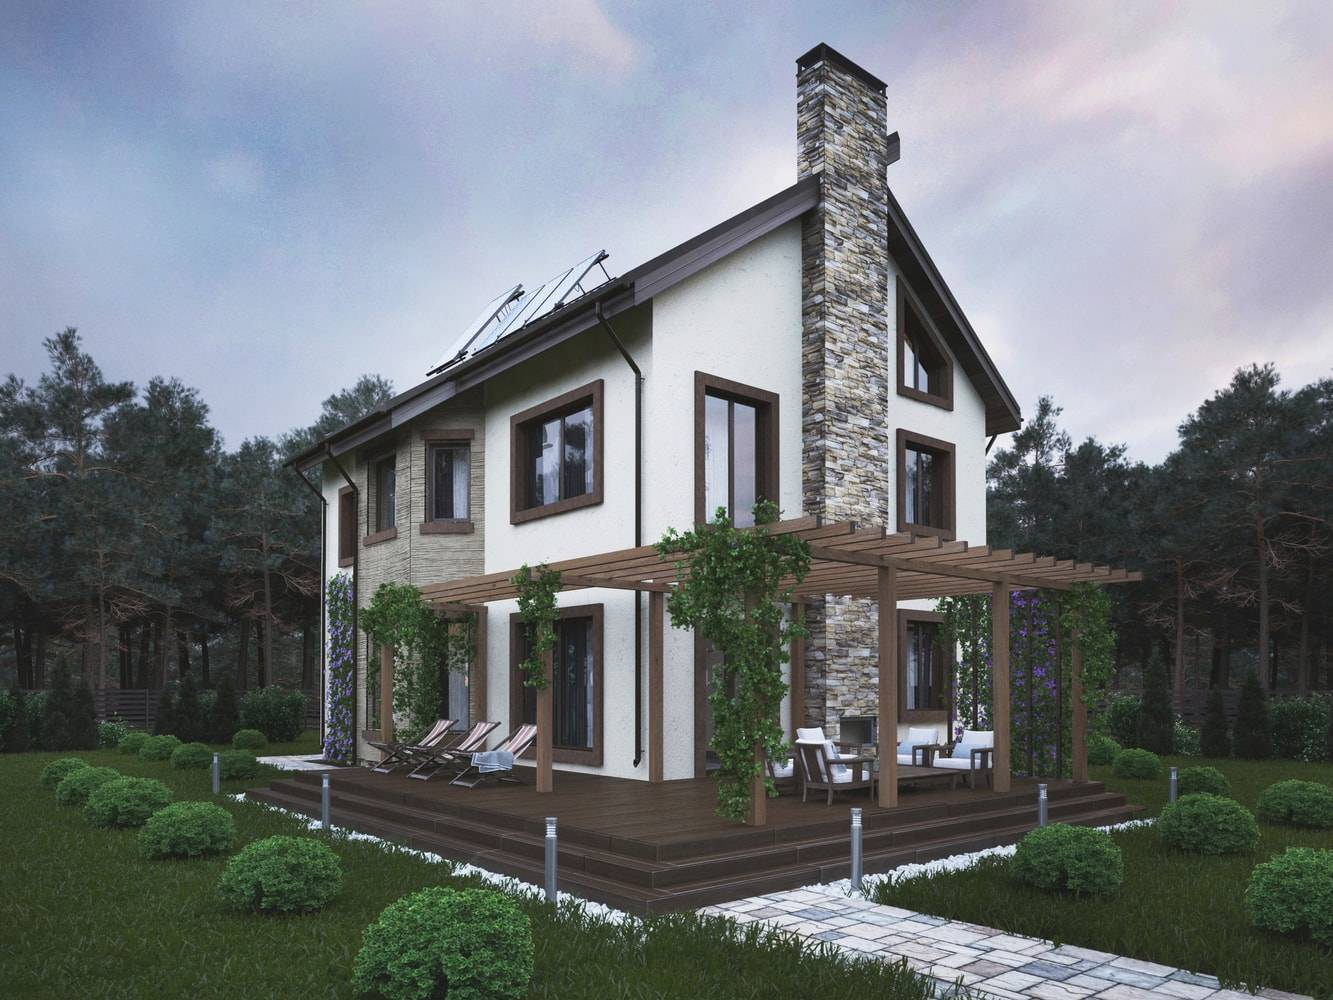 Одноэтажный или двухэтажный дом плюсы и минусы — журнал теремъ